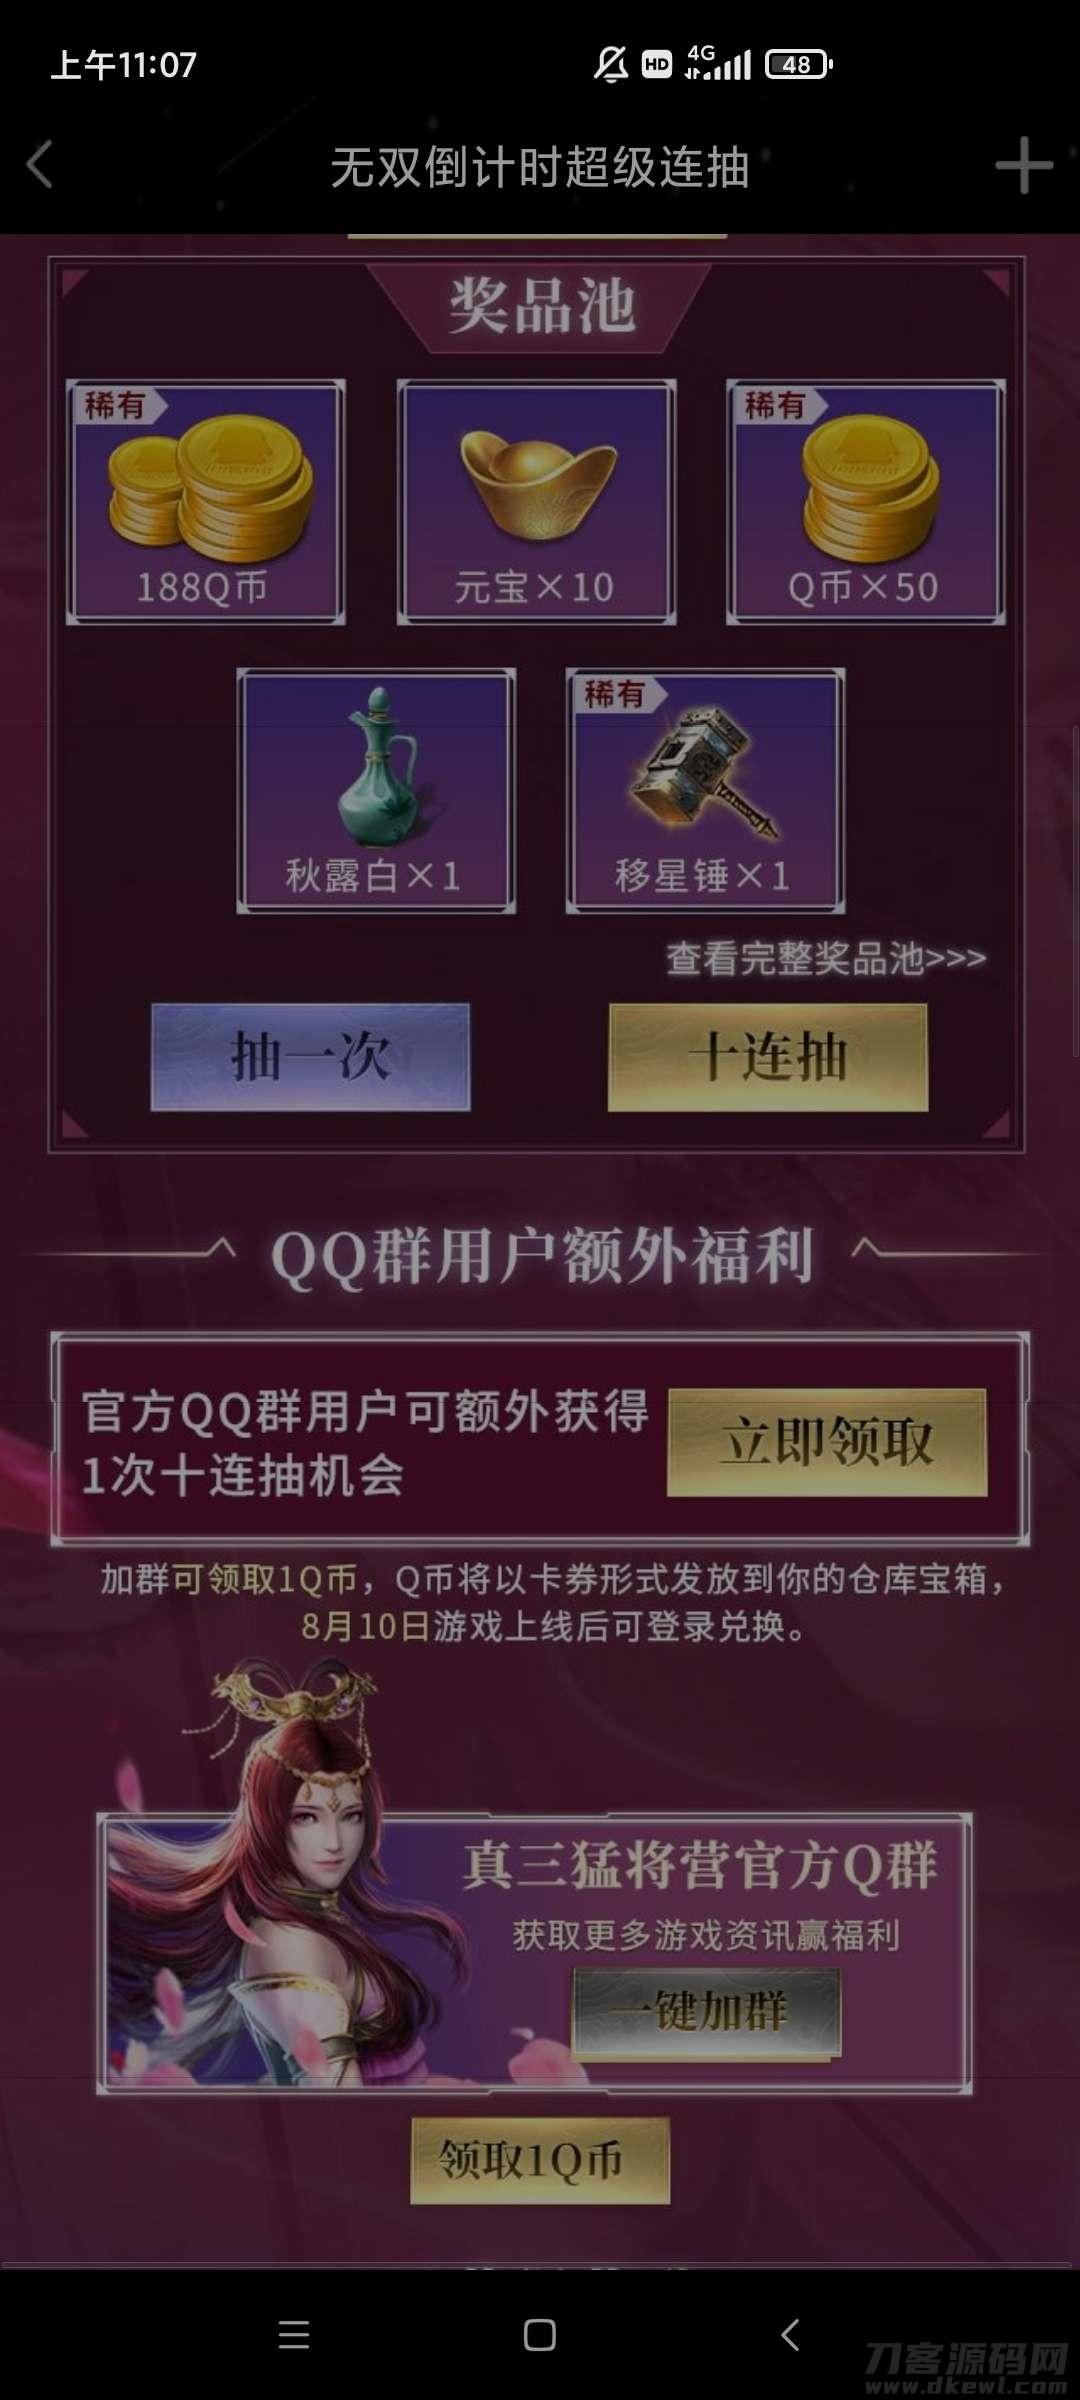 【虚拟商品】预定真三国无双霸抽Q币插图1